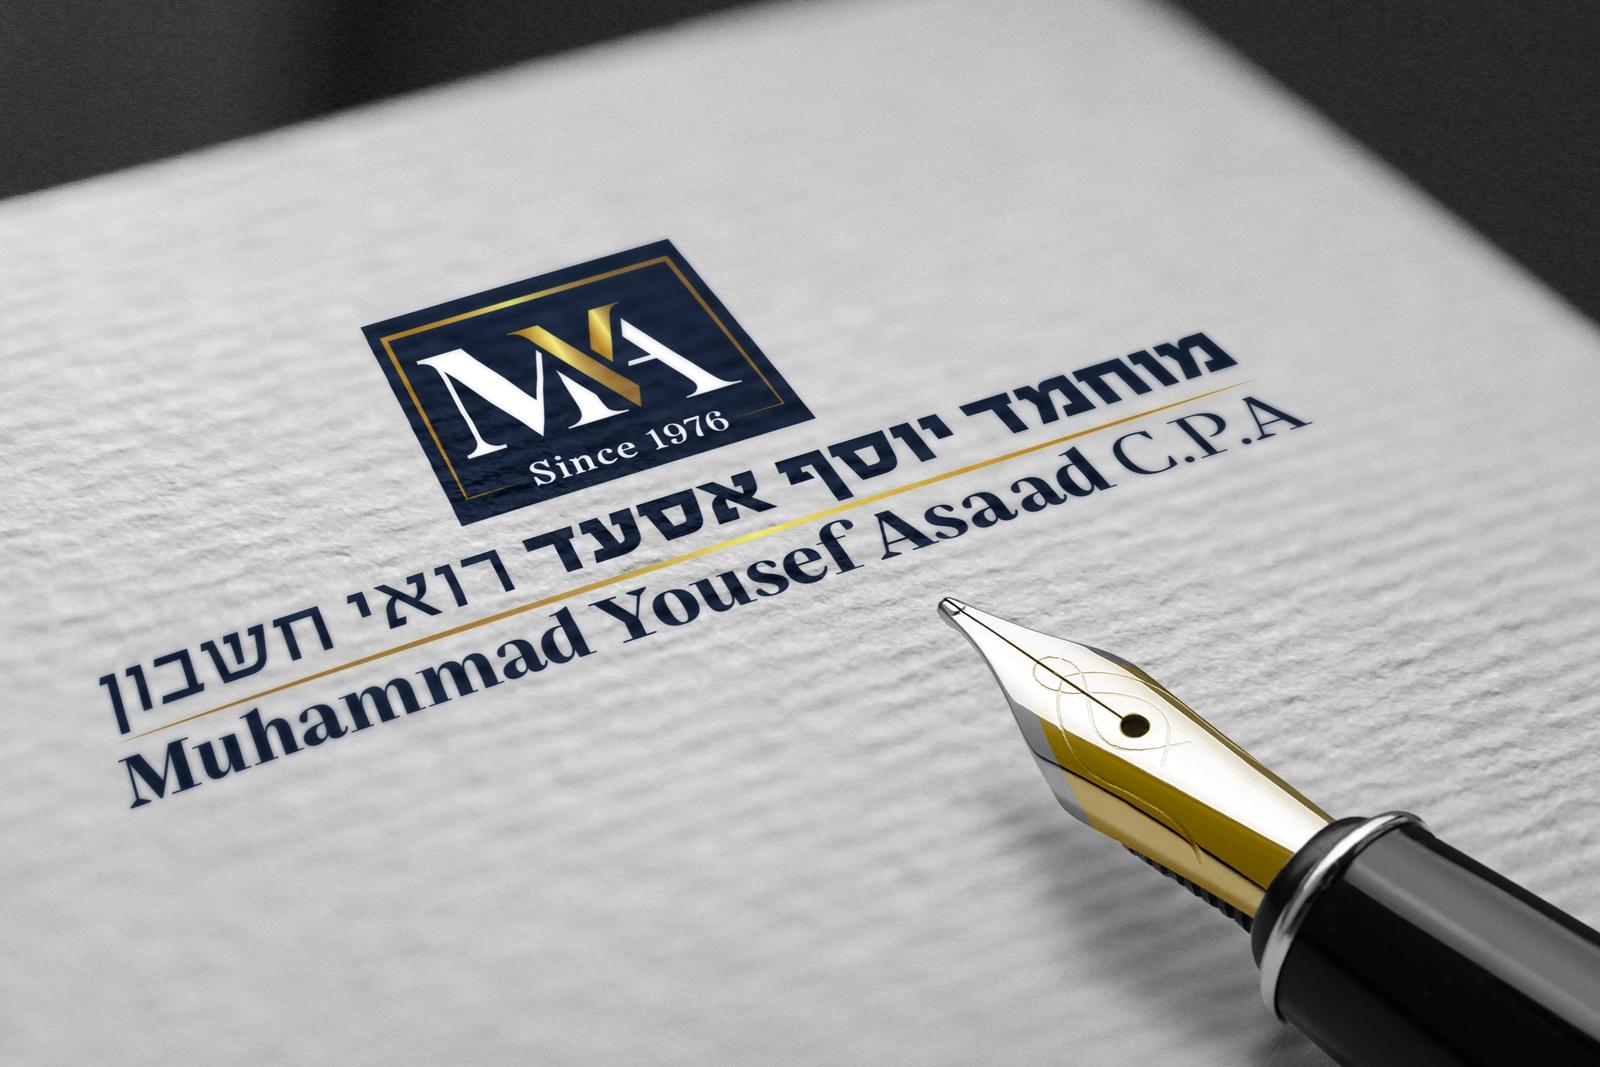 עיצוב לוגו למשרד רואה חשבון